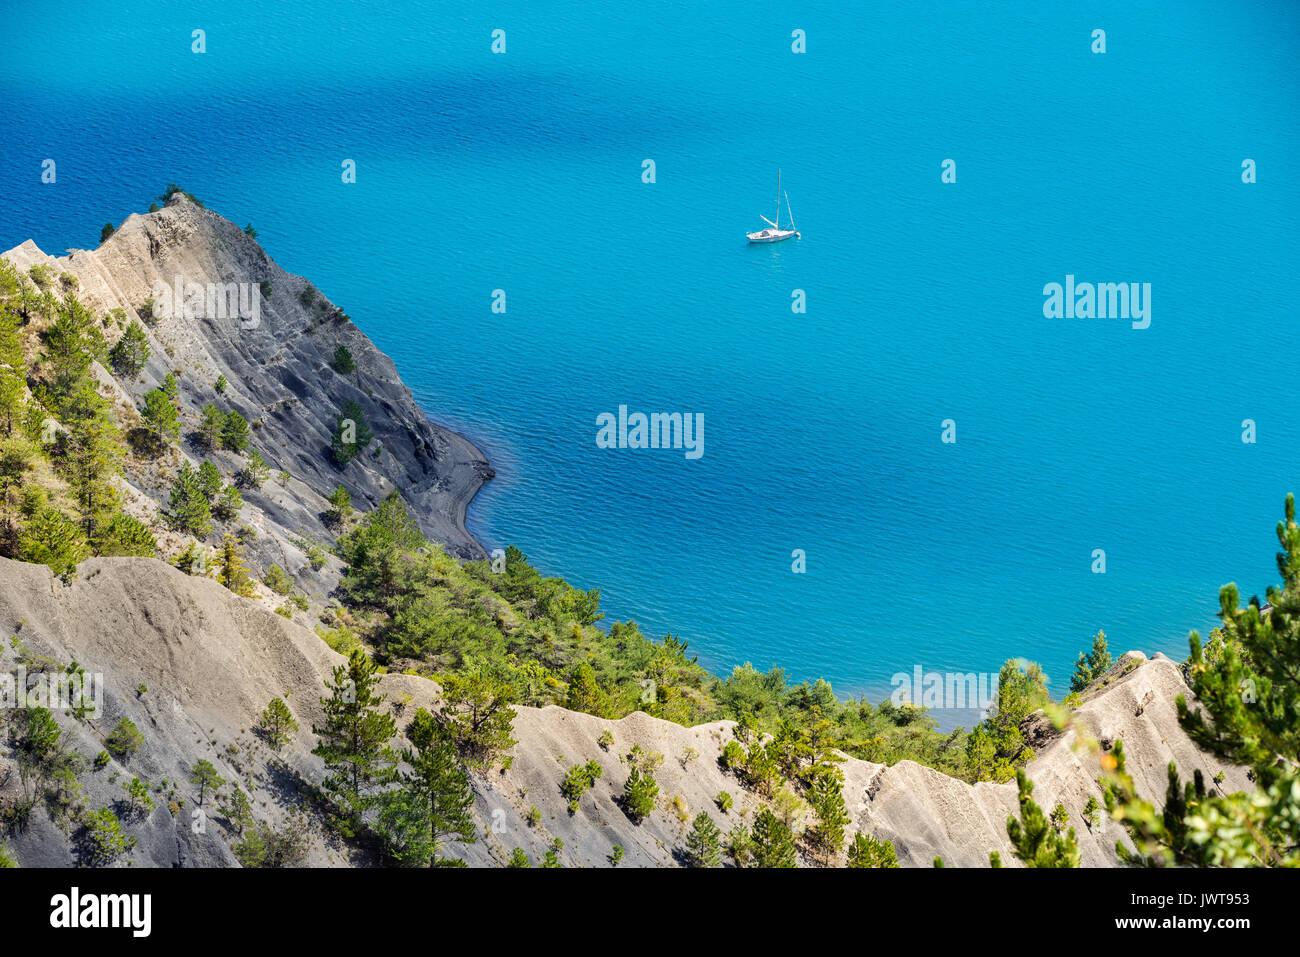 Le Lac de Serre-Ponçon en été avec de l'eau d'un bleu profond et bateau à voile. Hautes-Alpes, Région PACA, Alpes du Sud, France Photo Stock